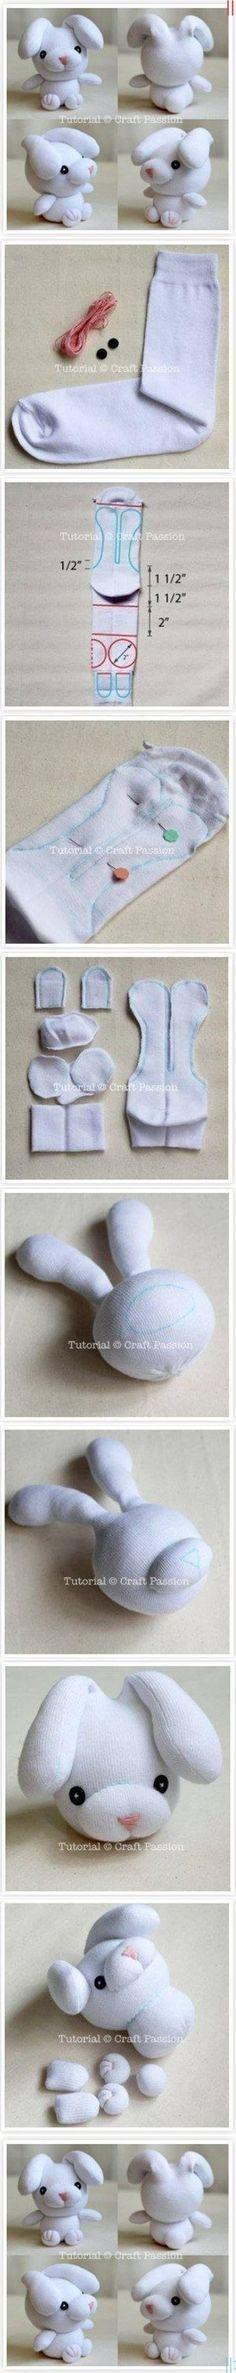 Beyaz Çoraptan Sevimli Tavşan Yapmak